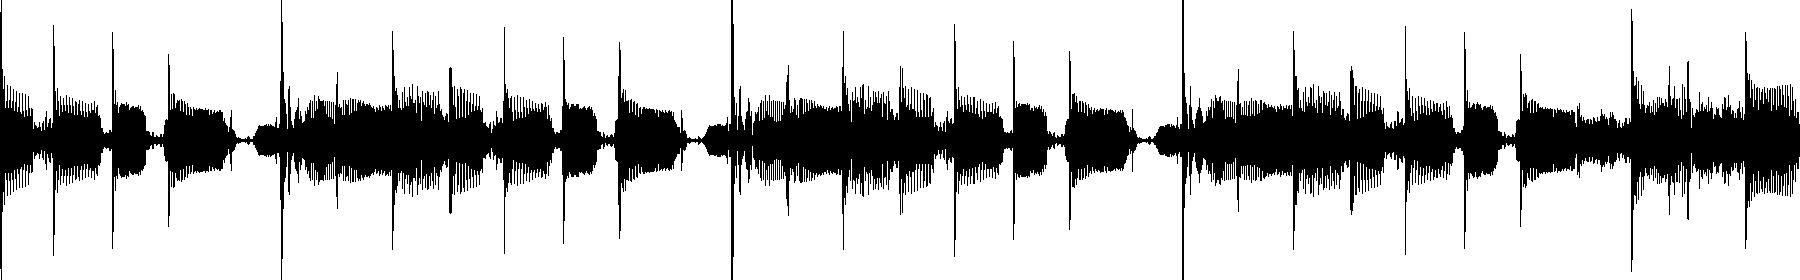 fb 90 a lp02